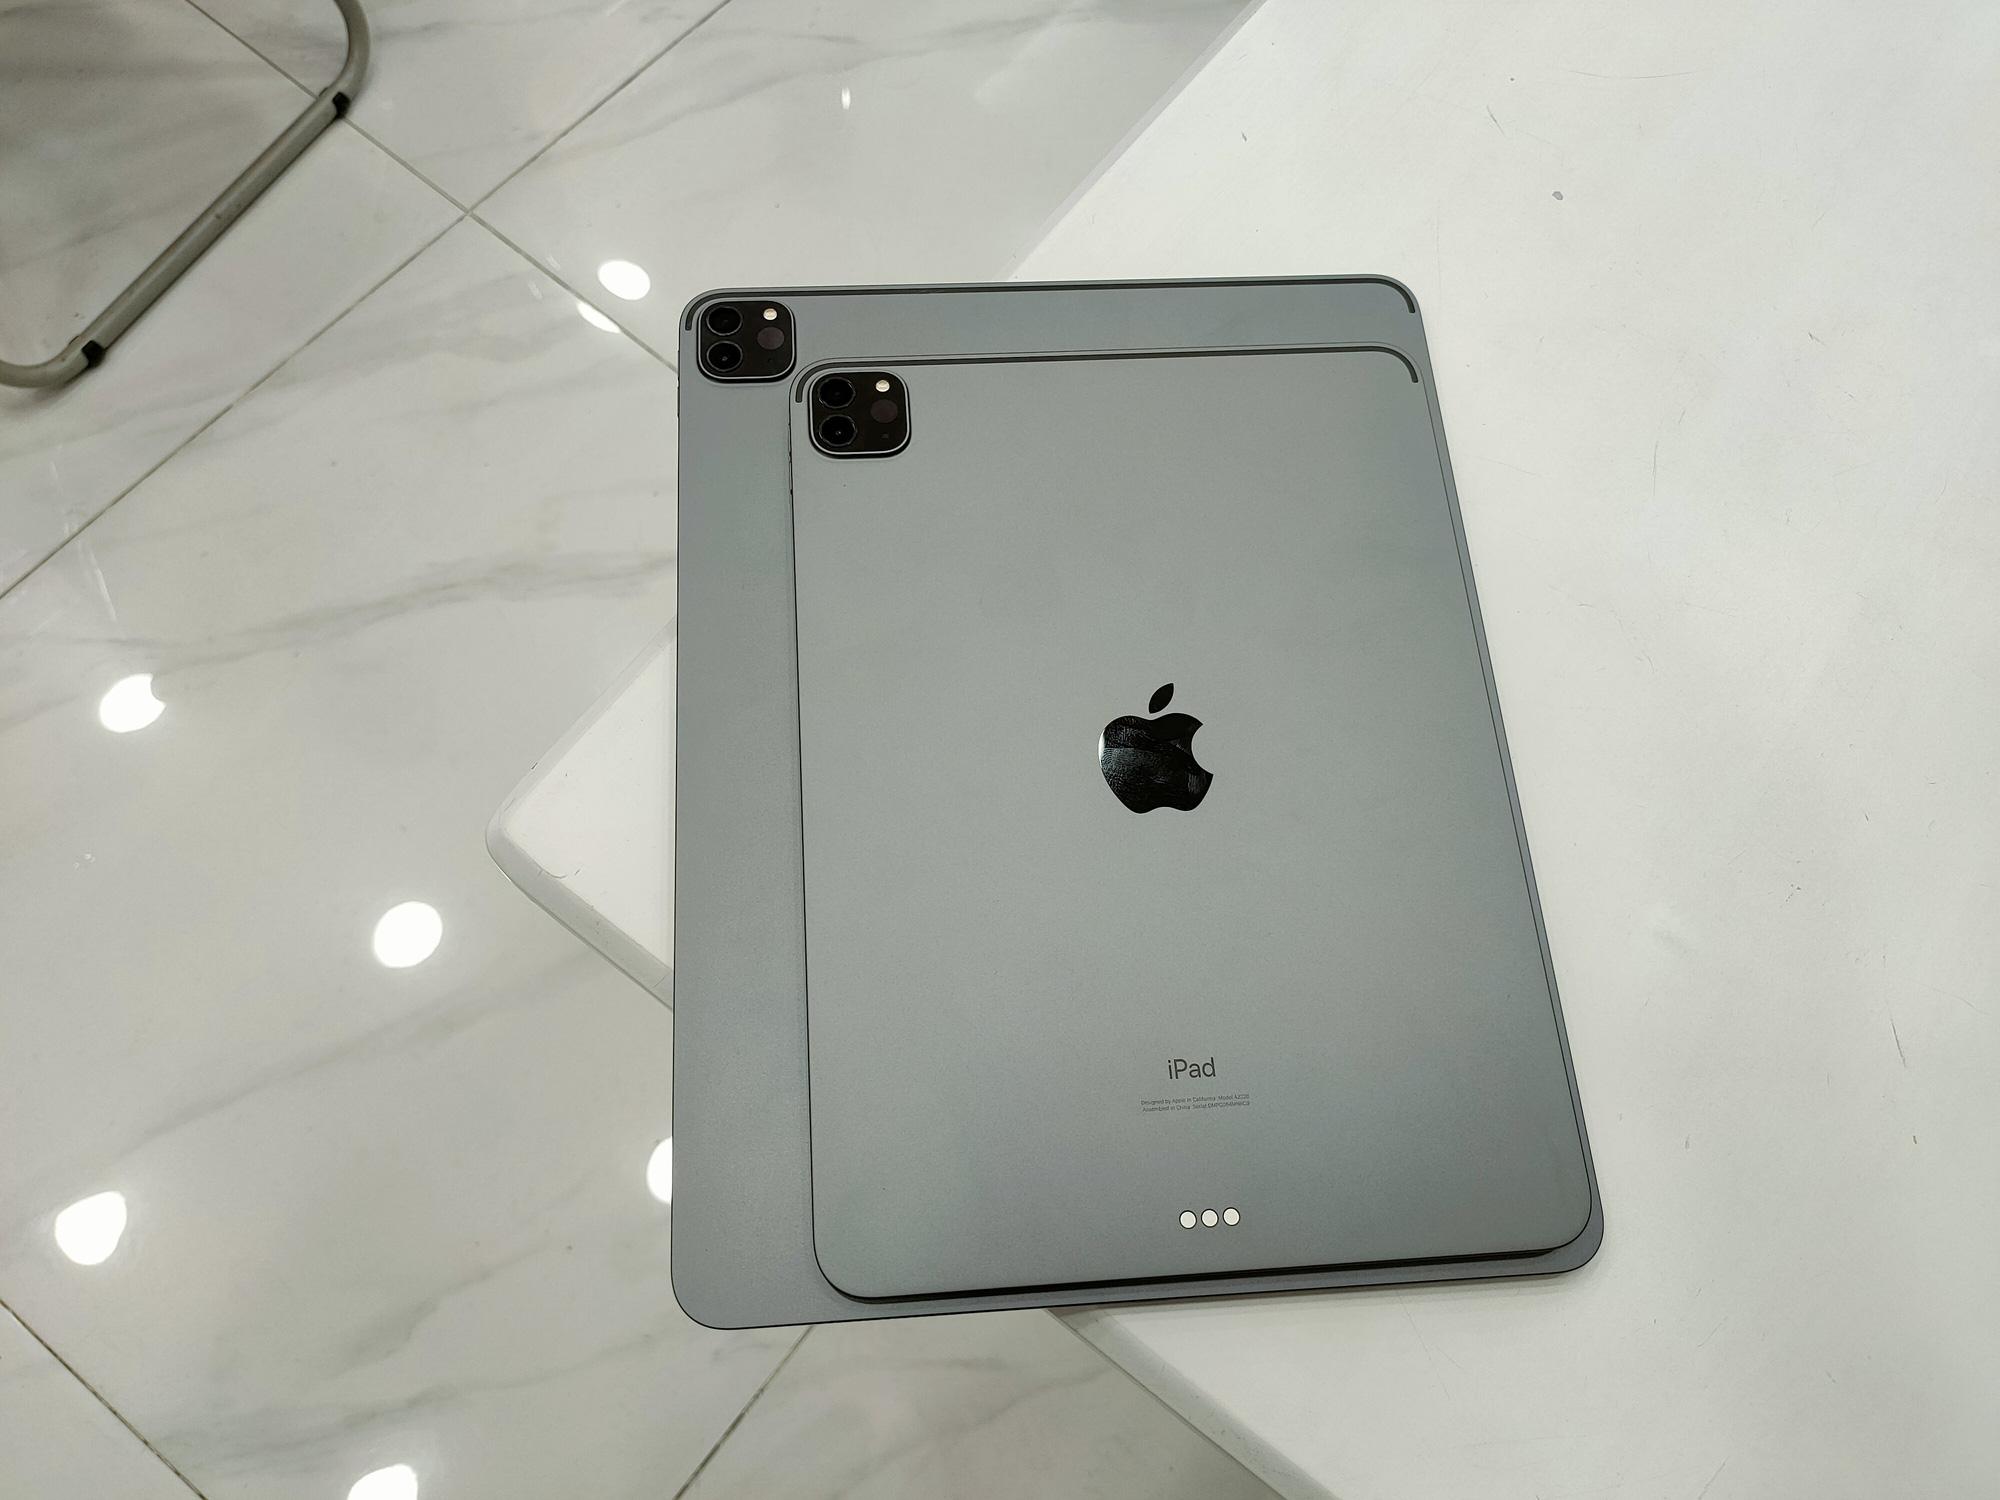 Trên tay nhanh iPad Pro 2020 vừa mới về Việt Nam - Ảnh 7.